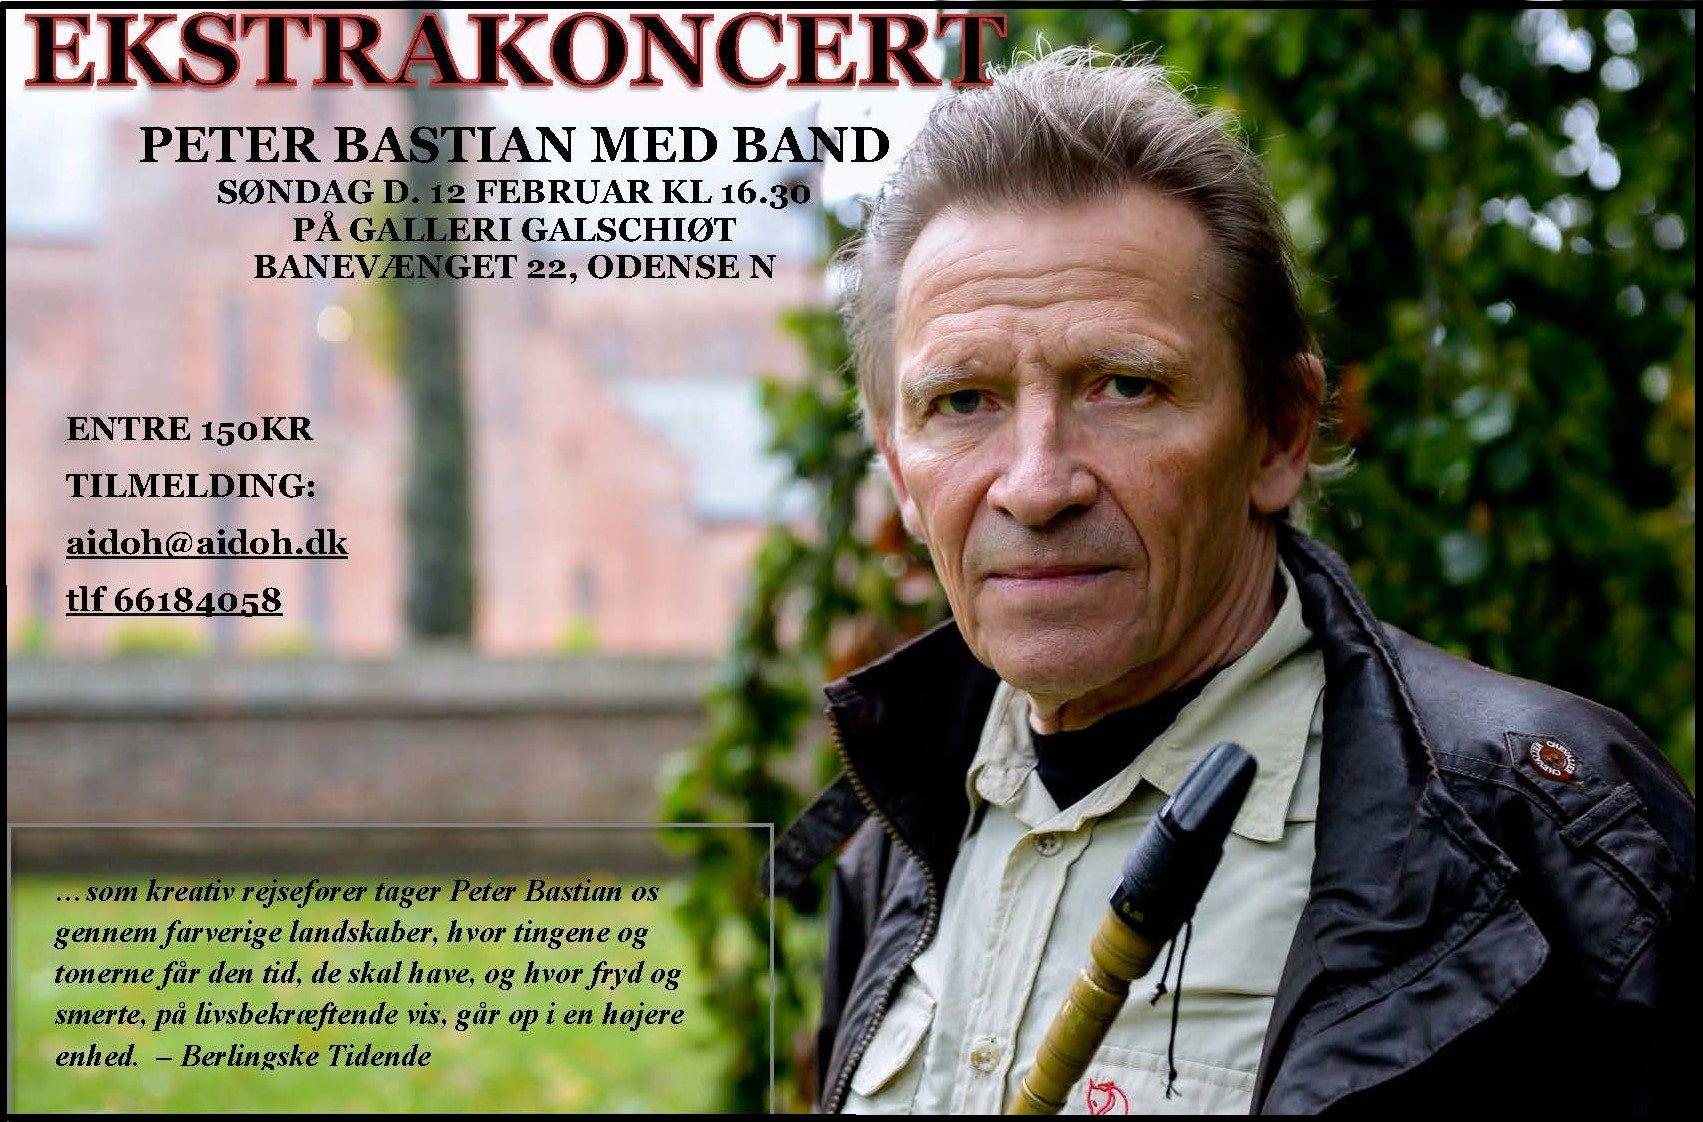 Peter bastian - Galleri Galschiøt - Søndag